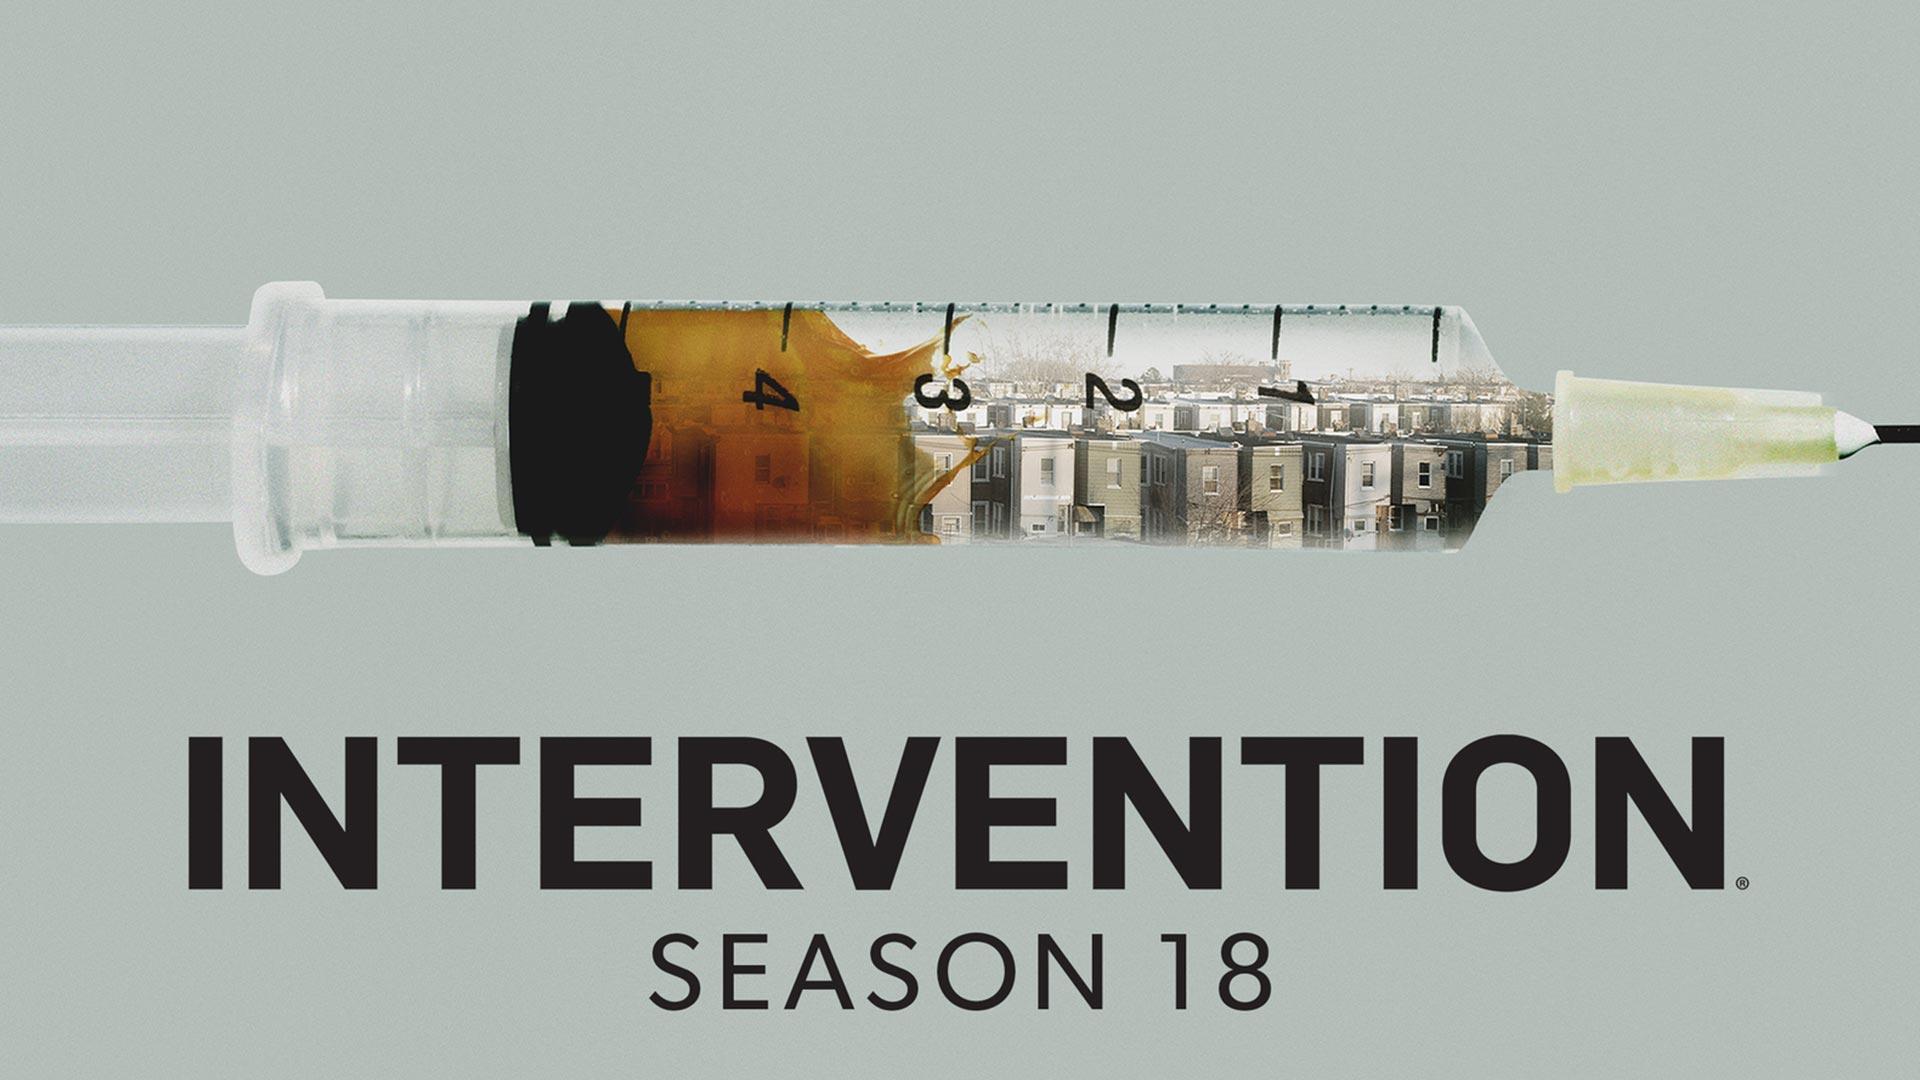 Intervention - Season 18